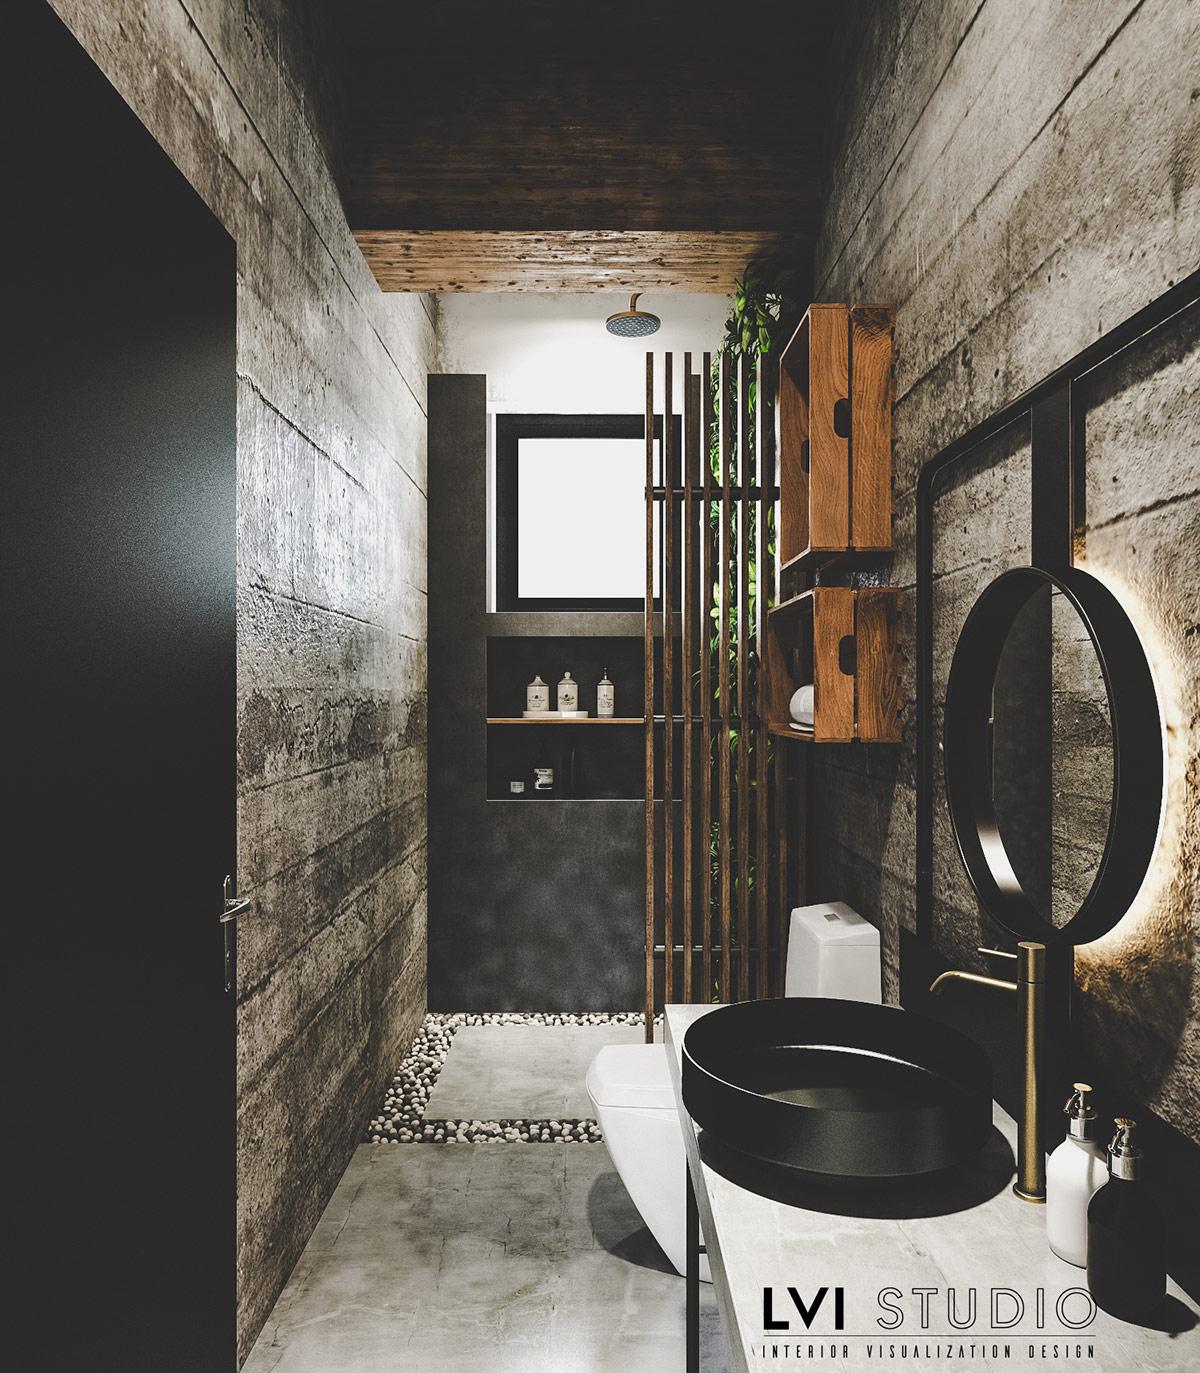 Phòng tắm hẹp được trang bị các yếu tố phong cách công nghiệp mát mẻ để tạo ra một không gian nghỉ dưỡng